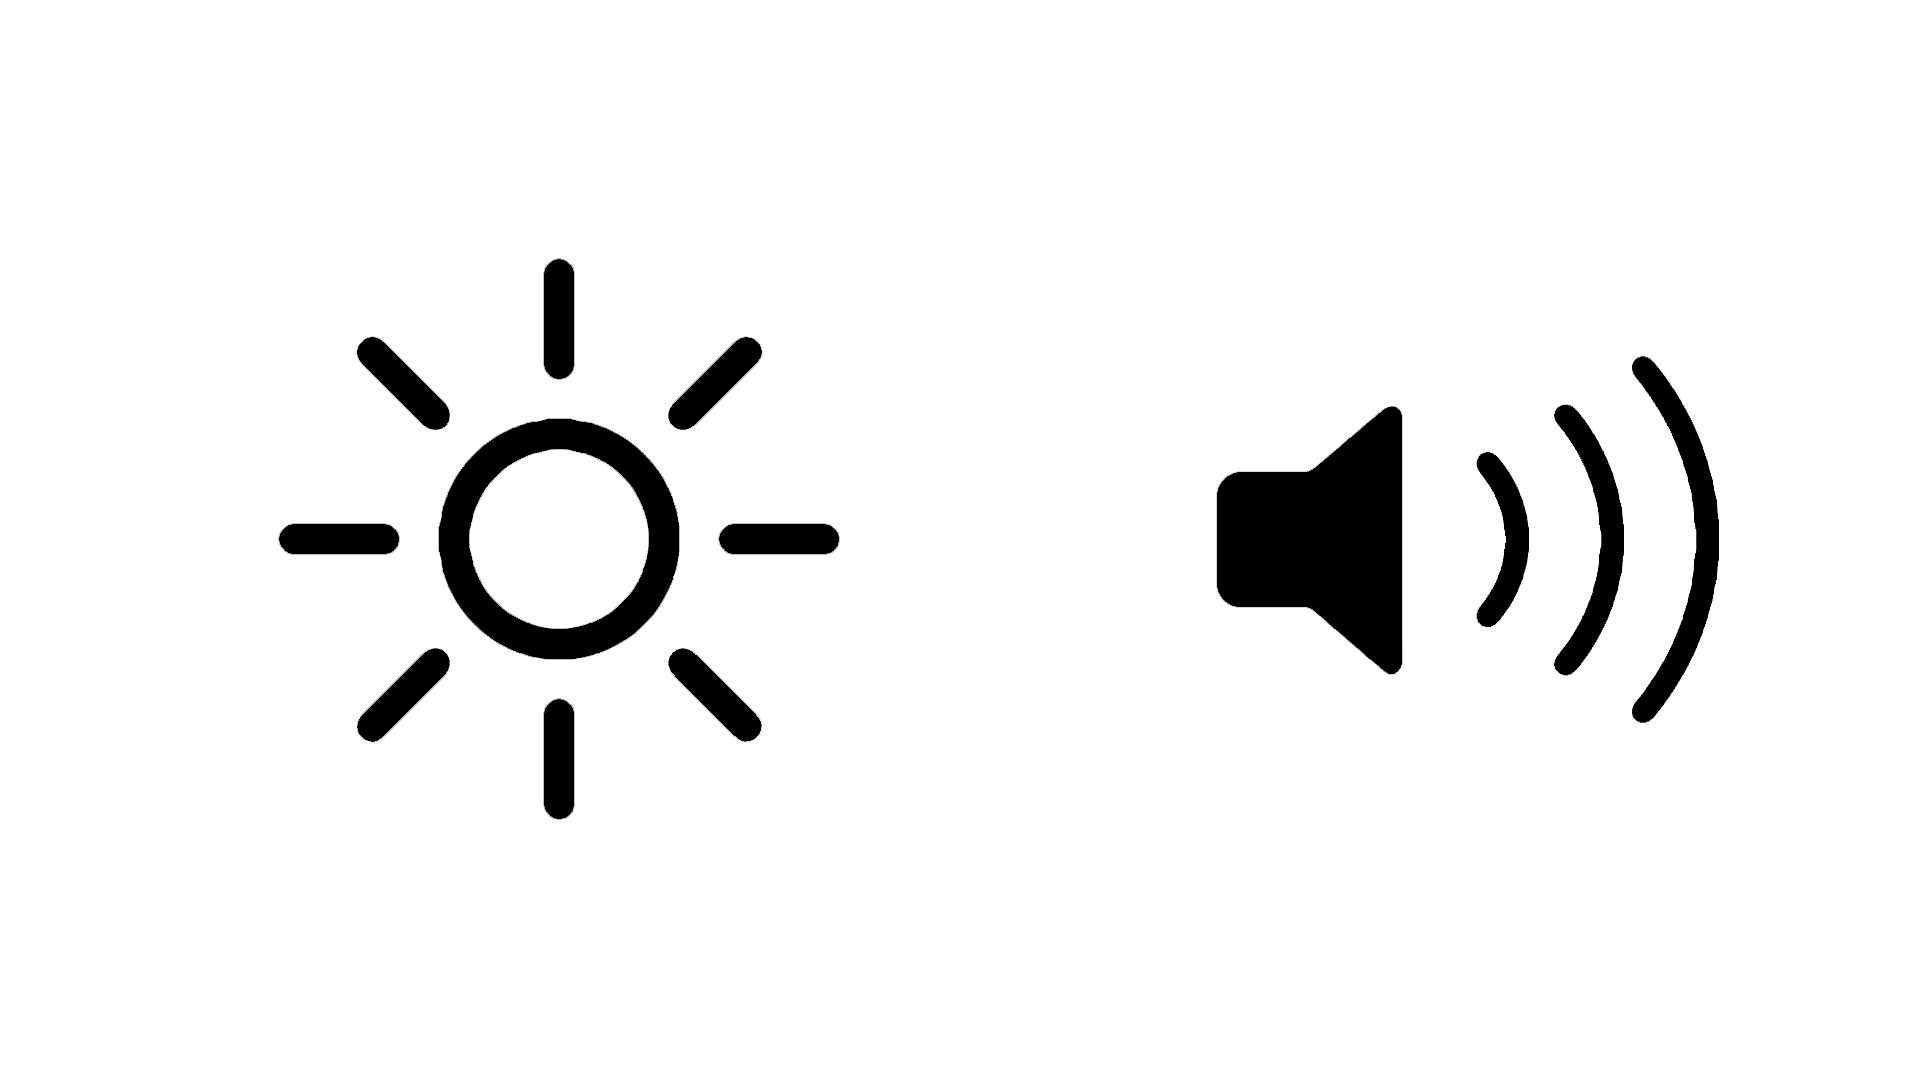 Ograniczenie jasności i głośności na iPad, iPhone